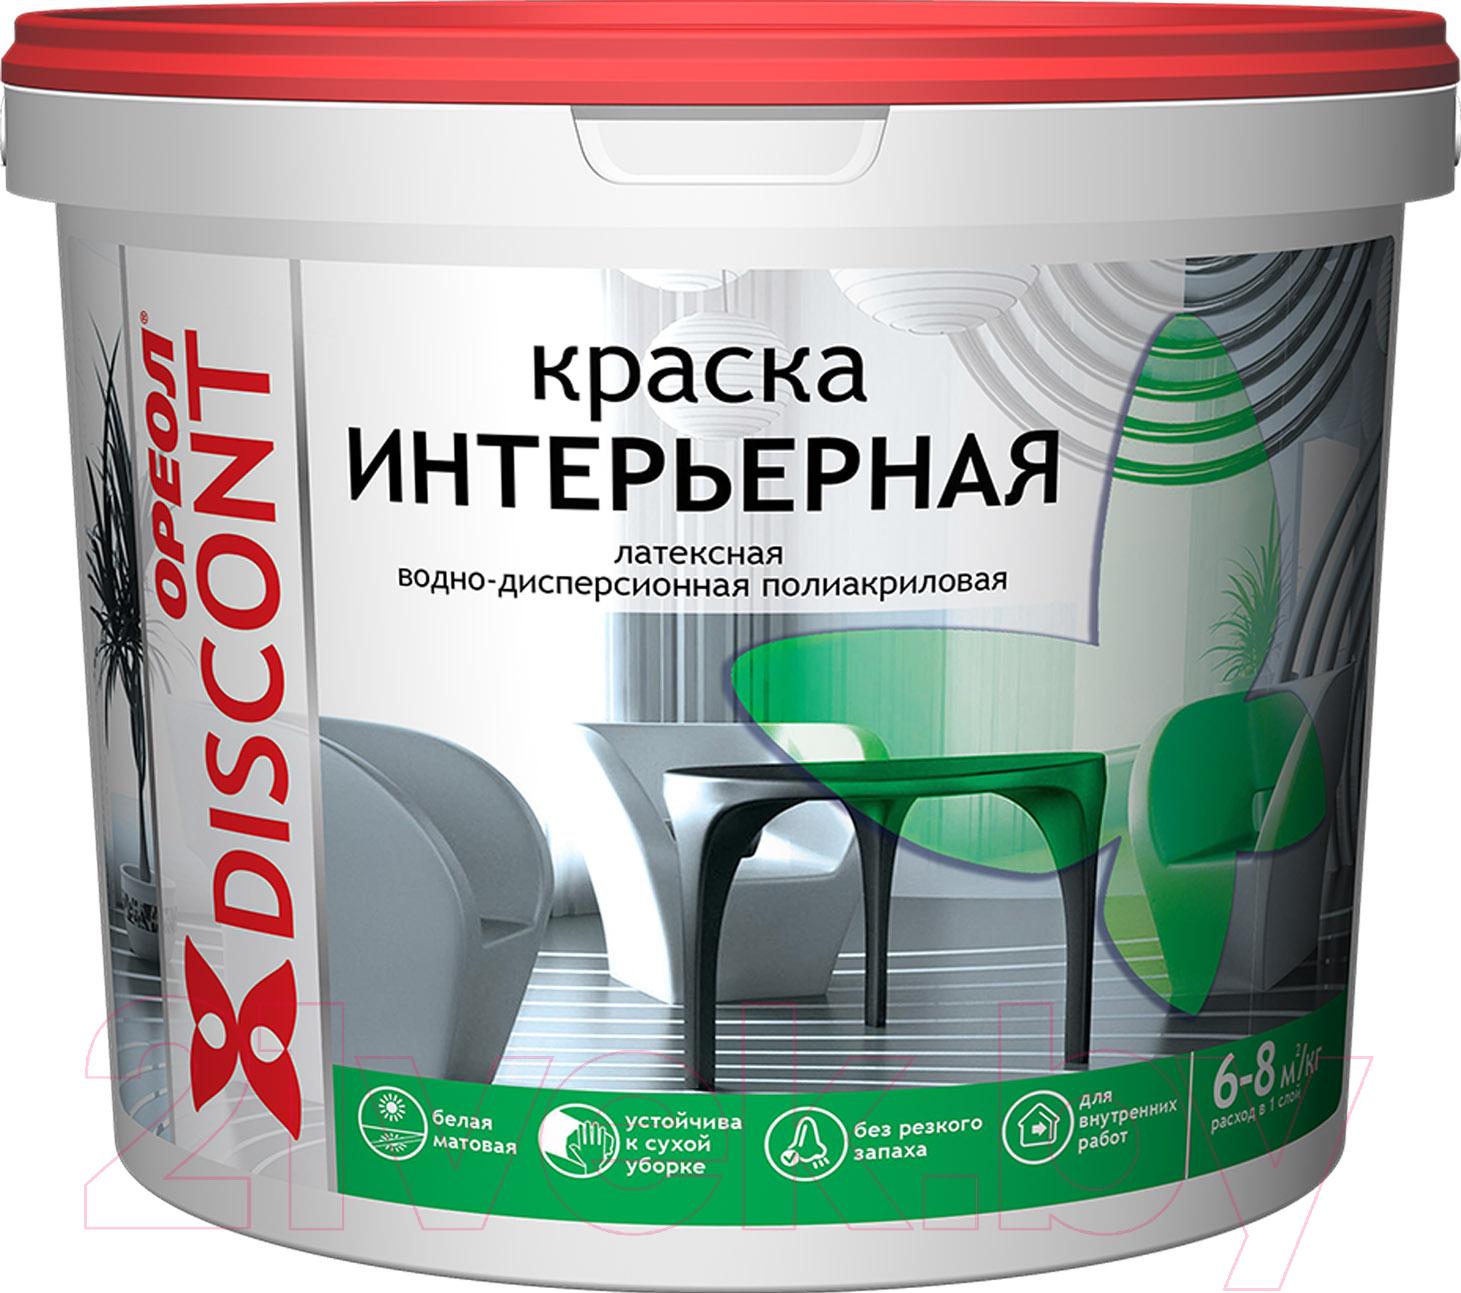 Купить Краска Ореол, Дисконт интерьерная (1.5кг, белый матовый), Россия